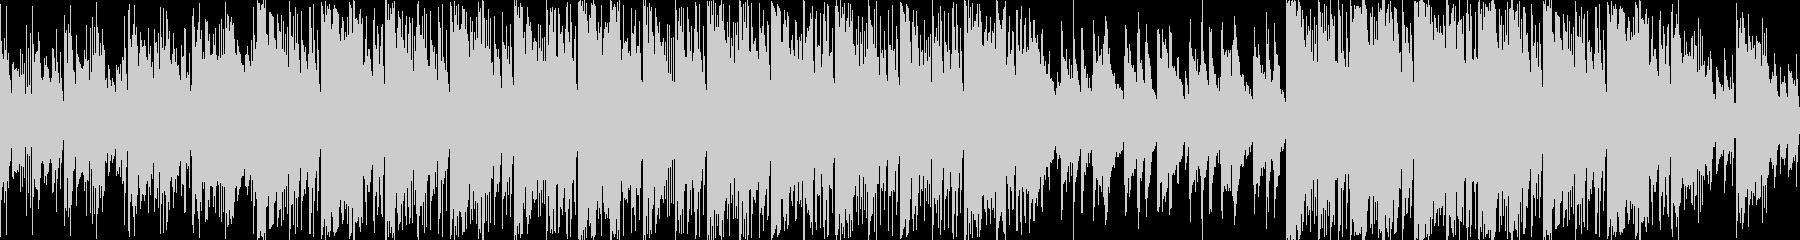 ワイルドで渋い和風エピックBGM ループの未再生の波形